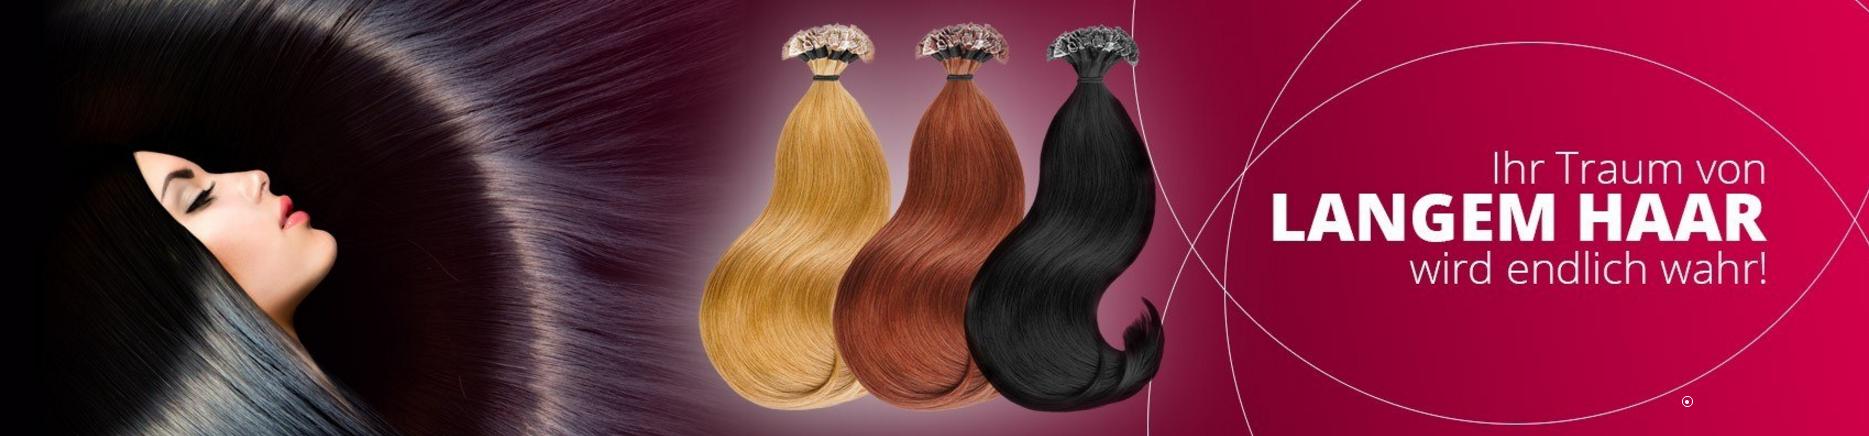 Extensions für langes und volles Haar